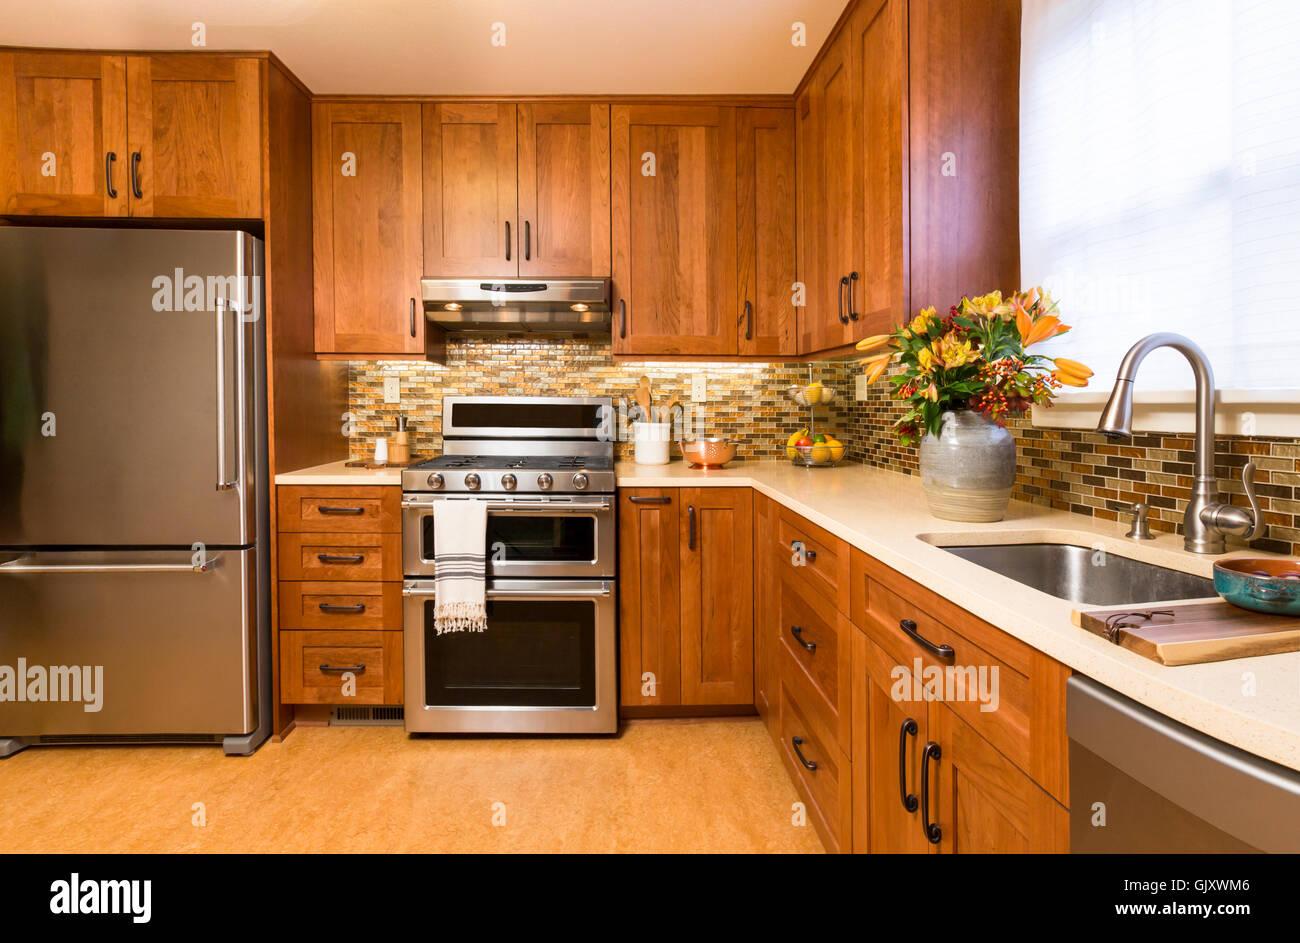 Zeitgenössische Gehobene Küche Zu Hause Interieur Mit Kirsche Holz Schränke,  Quarz Arbeitsplatten, Nachhaltiges Recycling Linoleumböden U0026